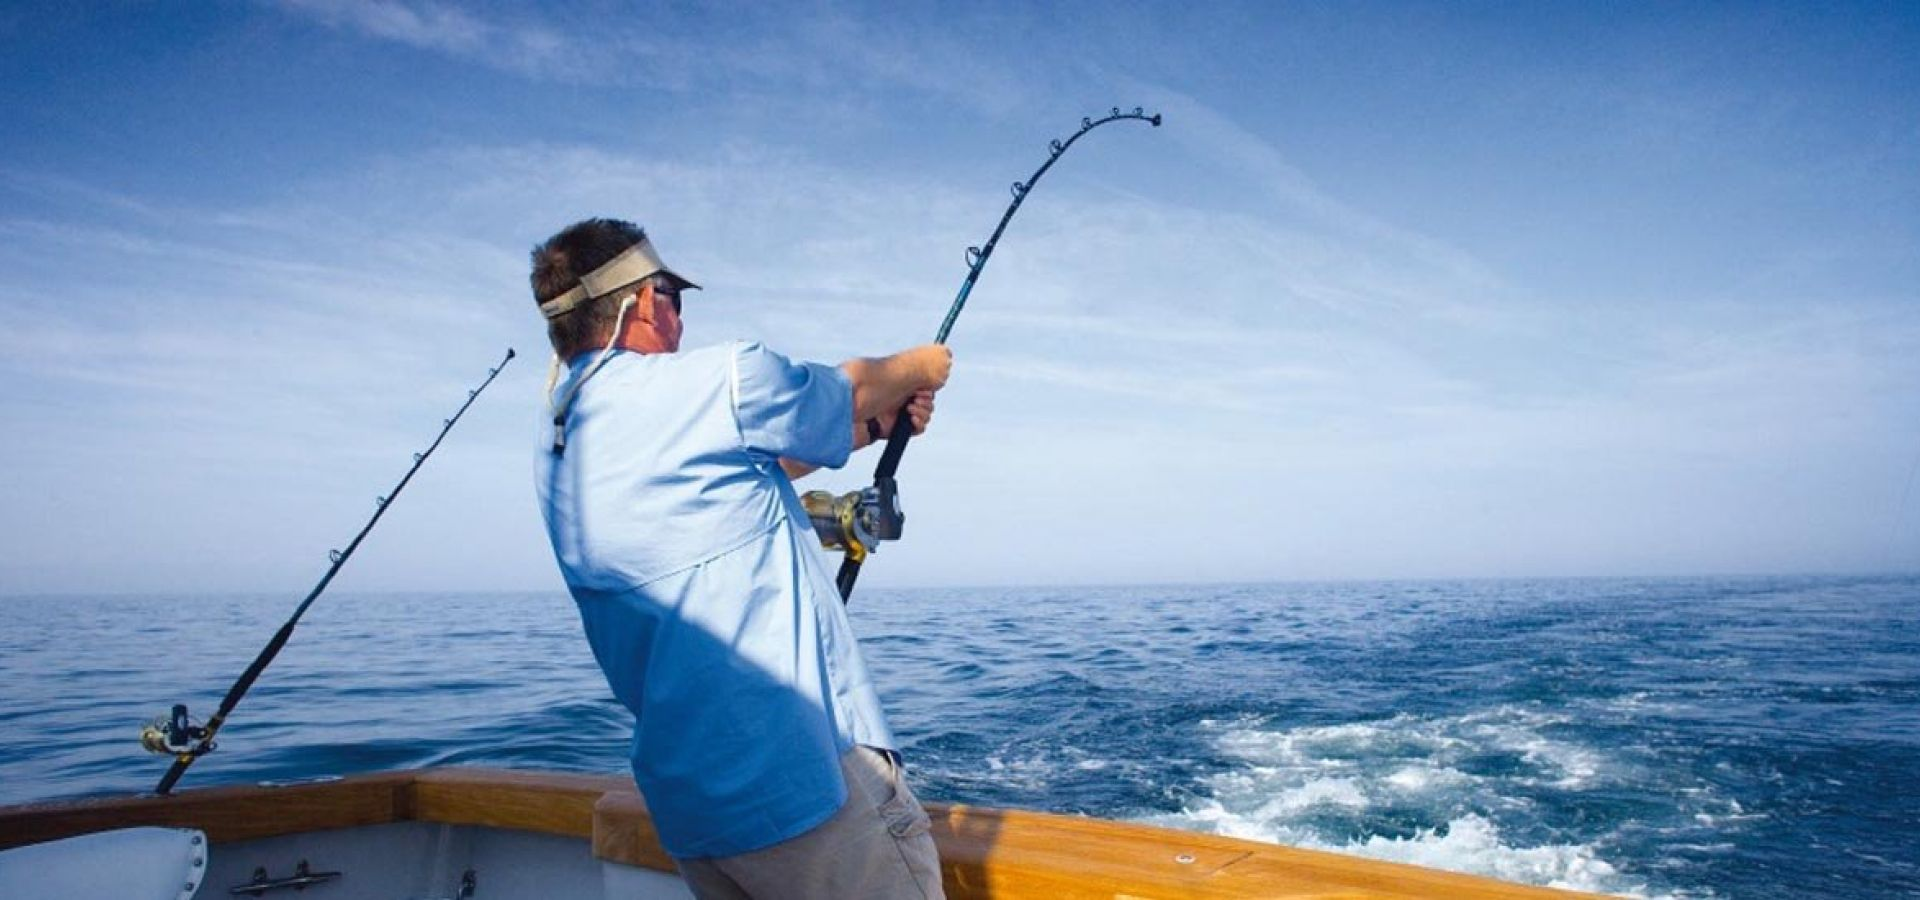 Rüyada Olta ile Balık Tutmak ve Yemek